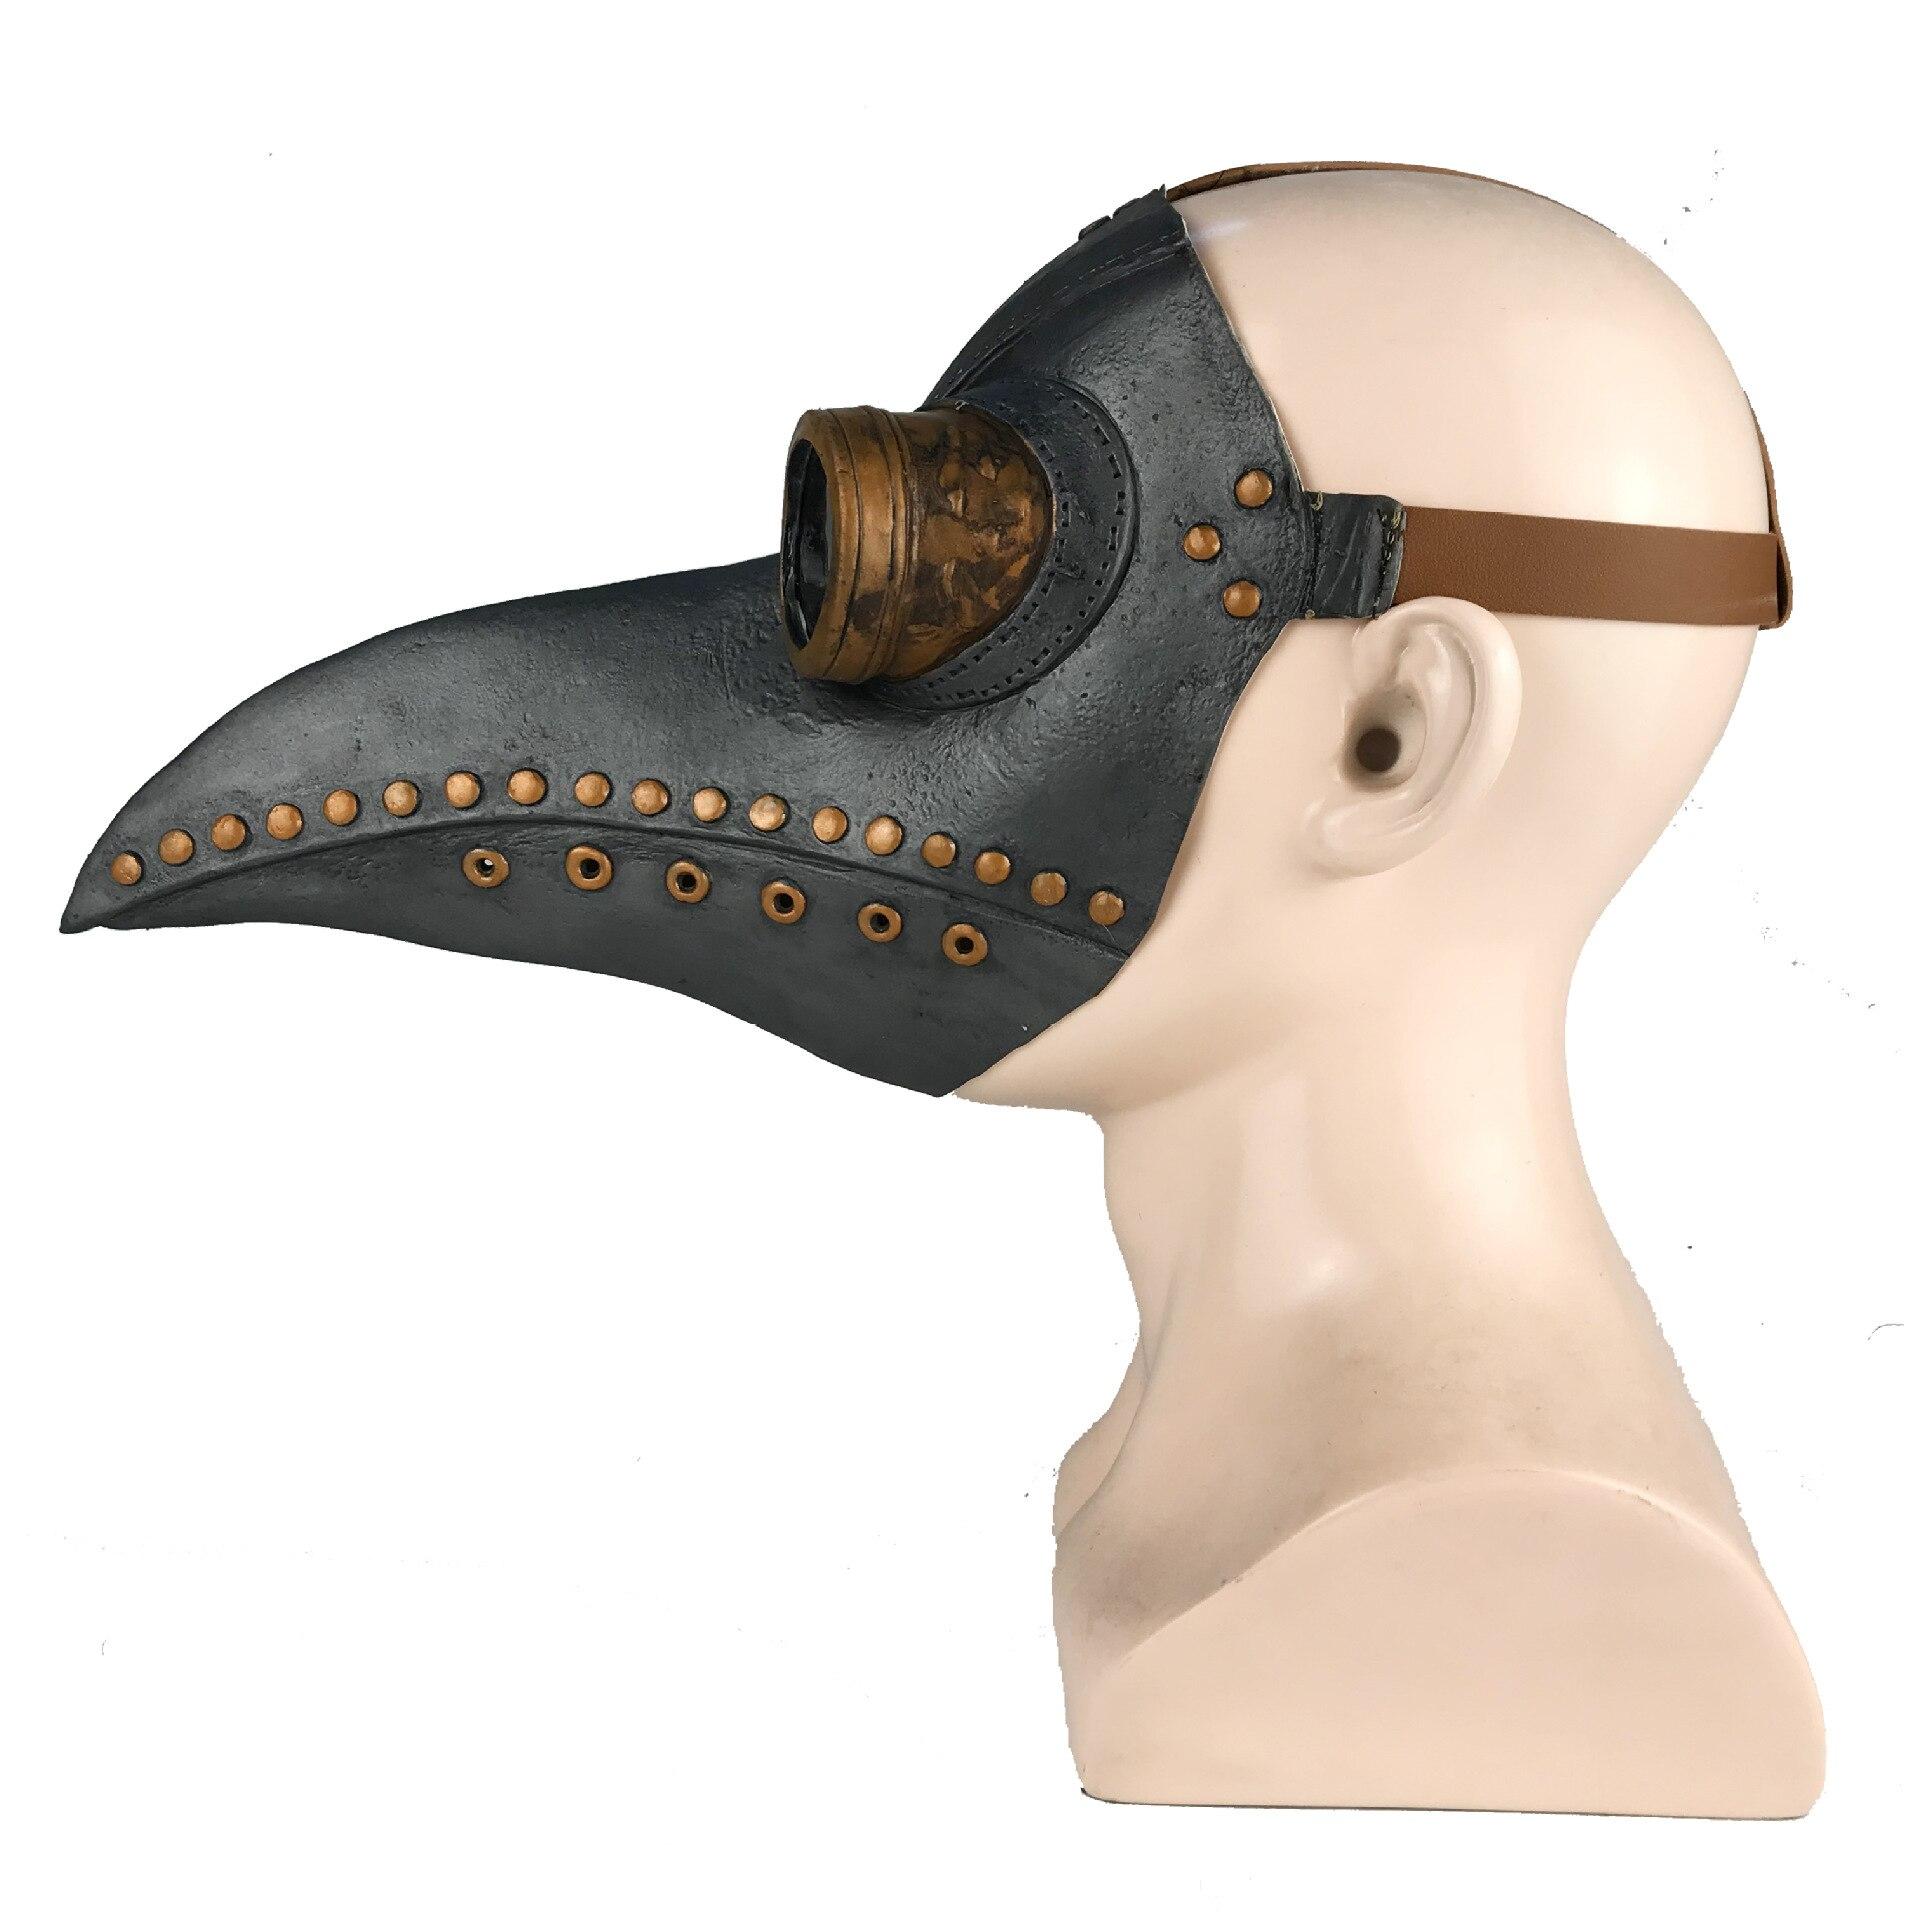 หน้ากากกาฬโรค ยุคกลาง ความตายสีดำ หน้ากากคอสเพย์ผู้ใหญ่ Steampunk Plague Doctor Bird